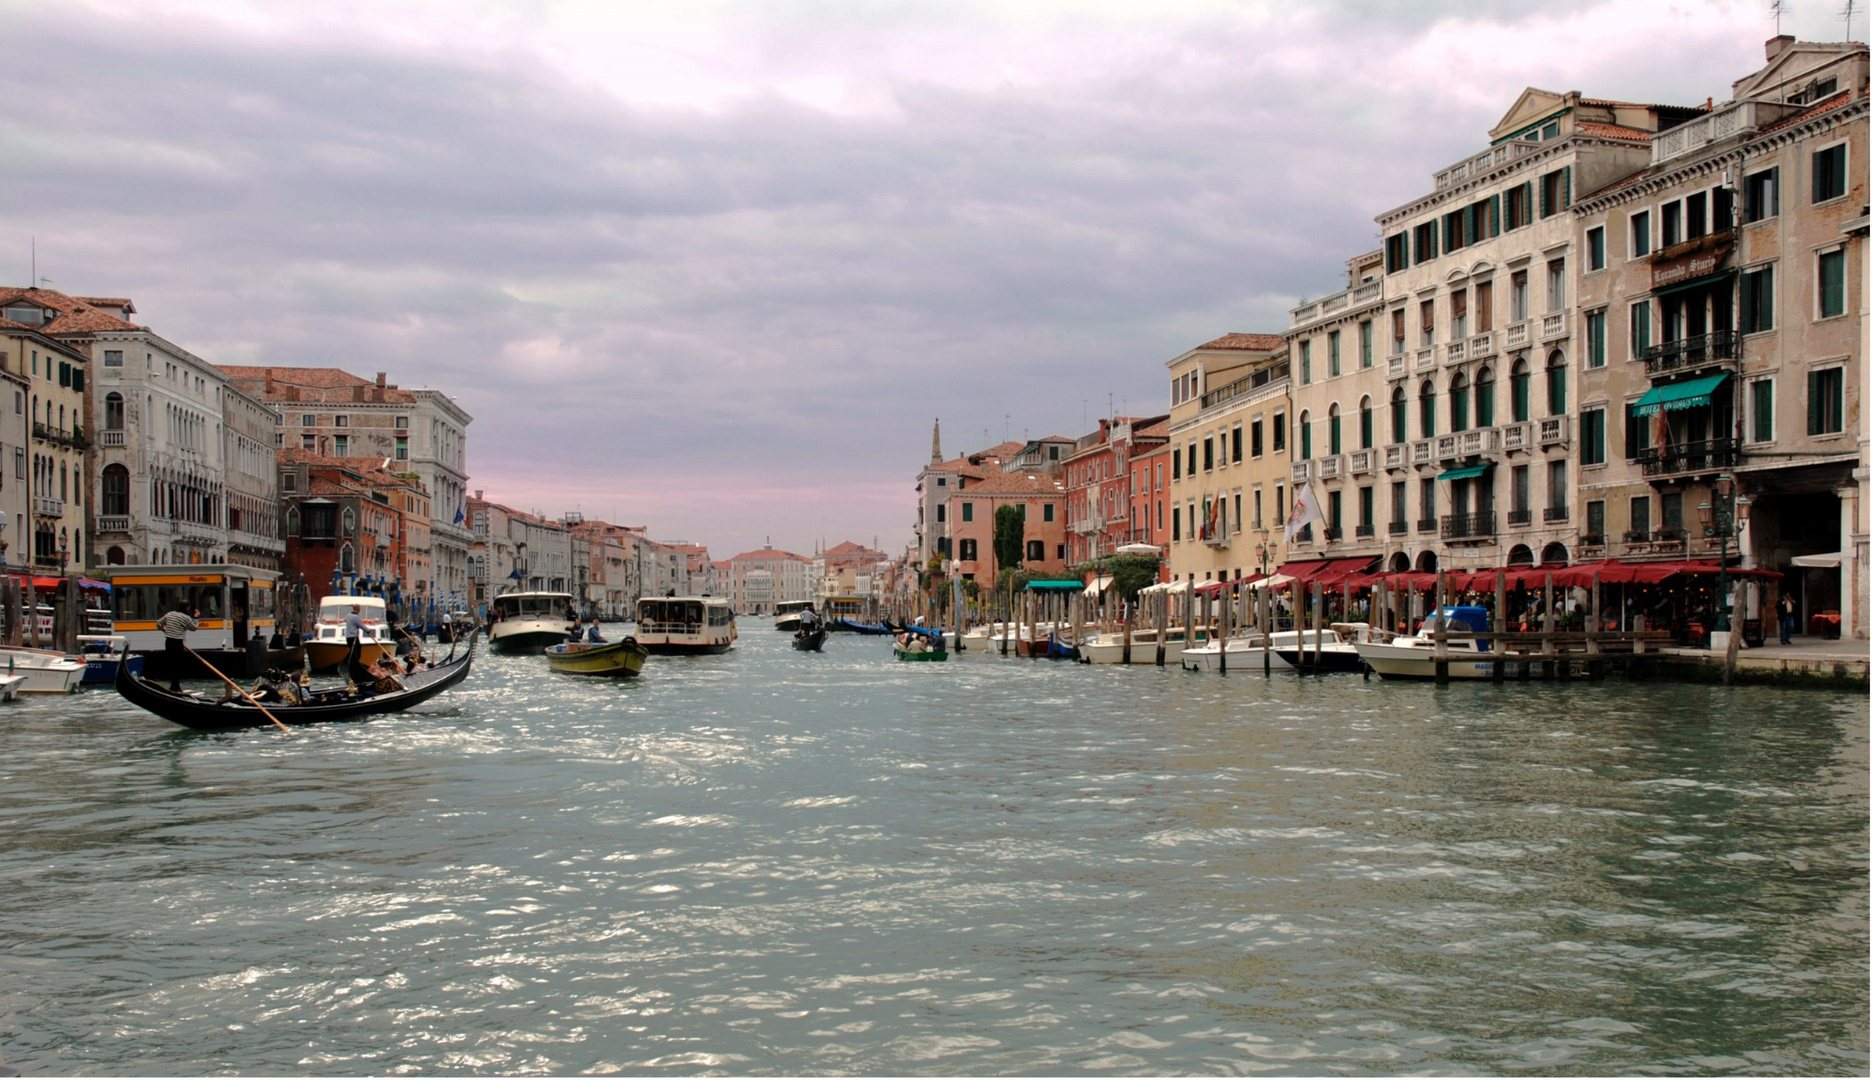 Arrivederci Venezia...